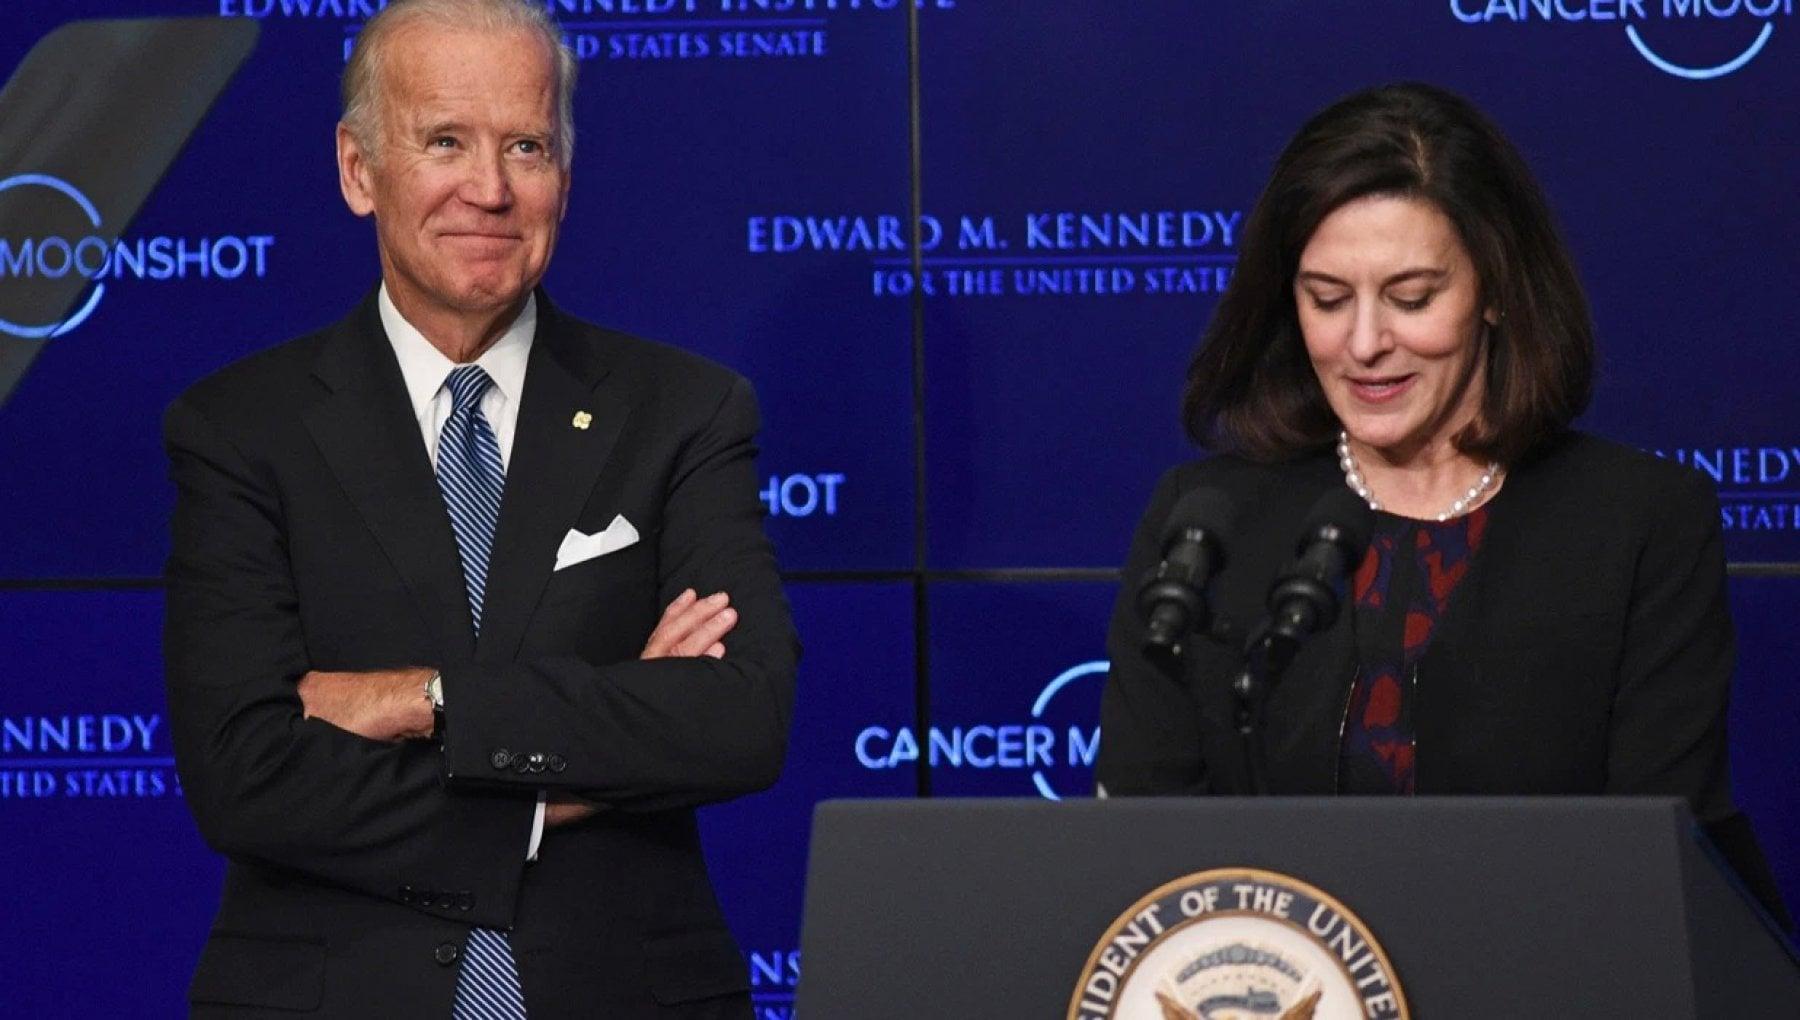 005252345 5f0d9a49 bb1a 4ca9 82fa d4fc9ac870a3 - Usa: Biden nomina Victoria Kennedy ambasciatrice in Austria